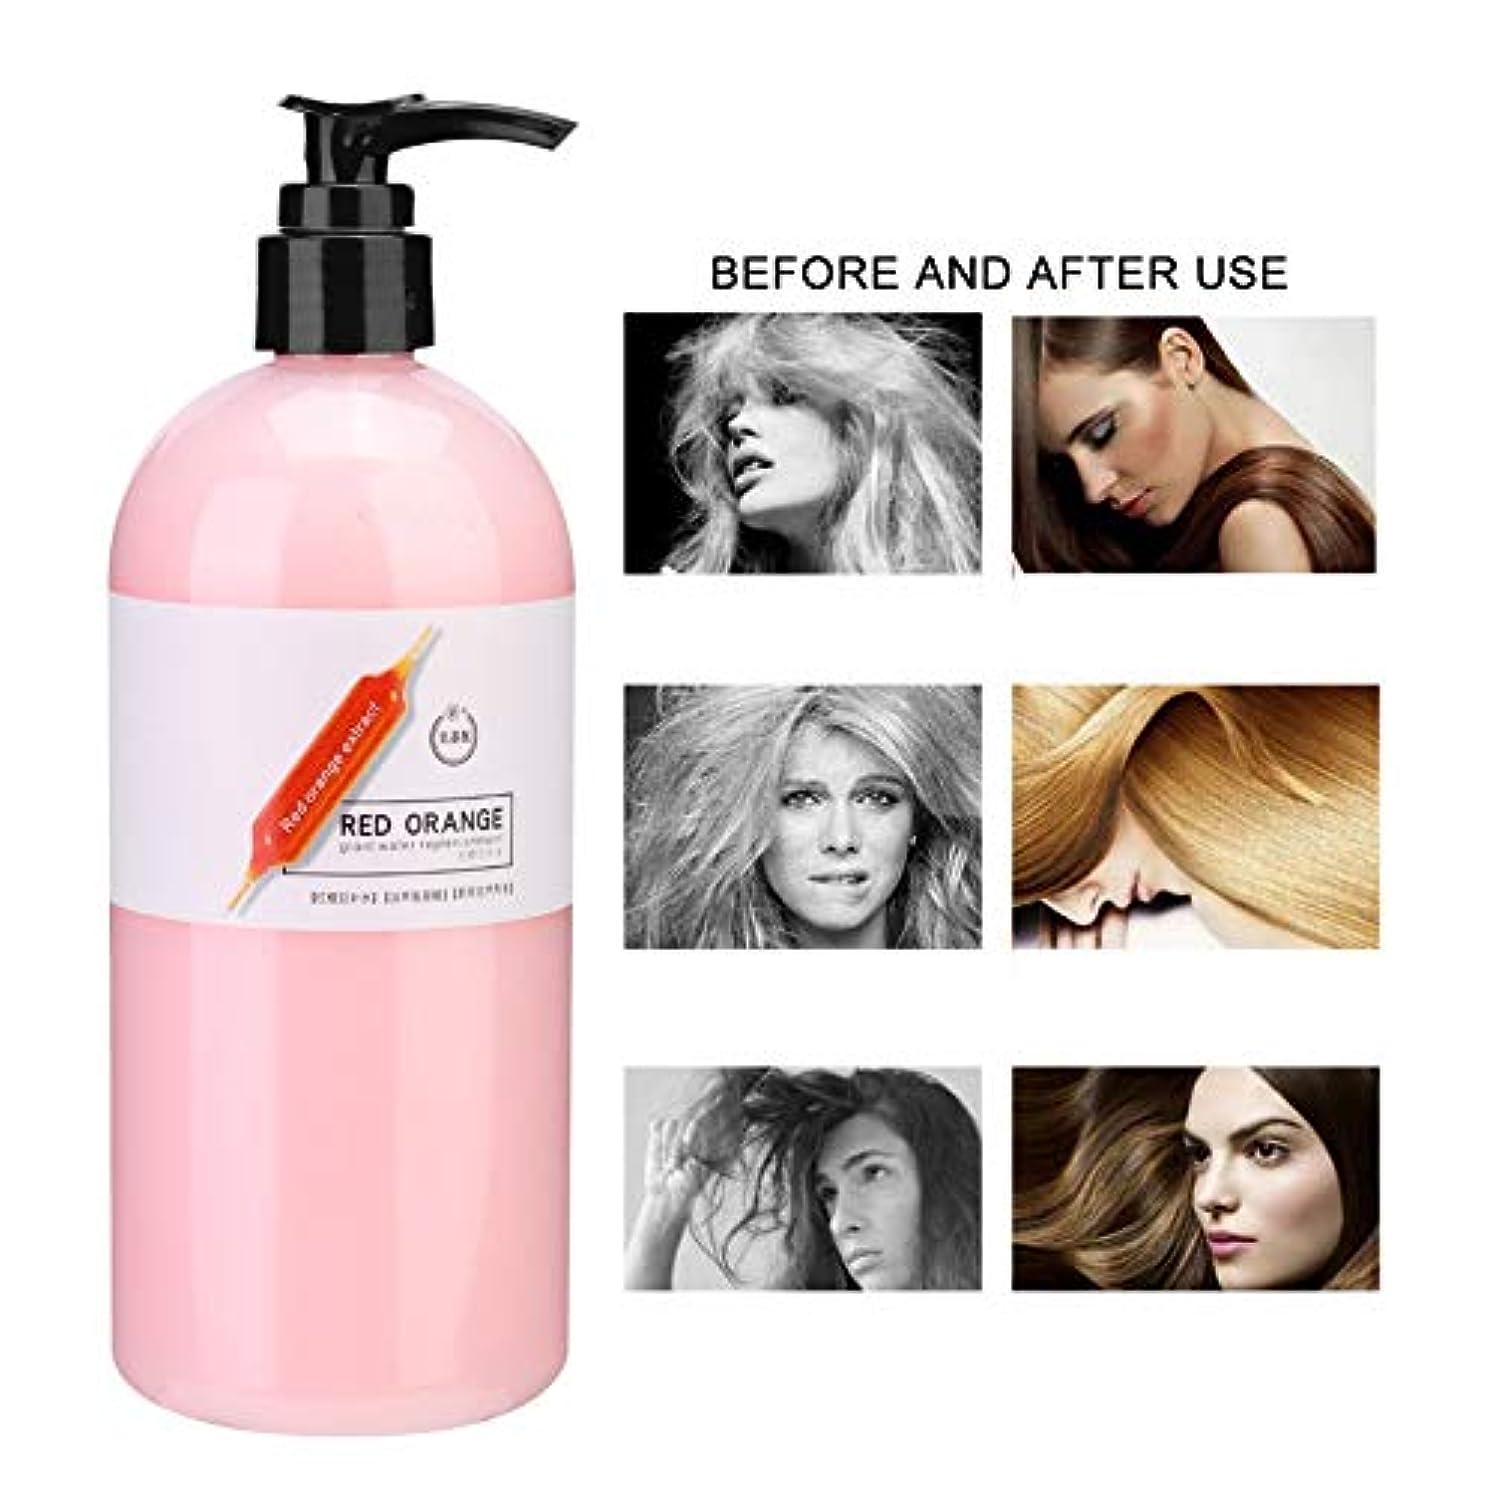 呼吸請求小さいナリッシングリペアシャンプー、500mlフケ除去保湿シャンプー、オイルコントロールディープクリーンヘアケアシャンプー 保湿 ダメージ ケア 髪の毛 補修 男性用/女性用